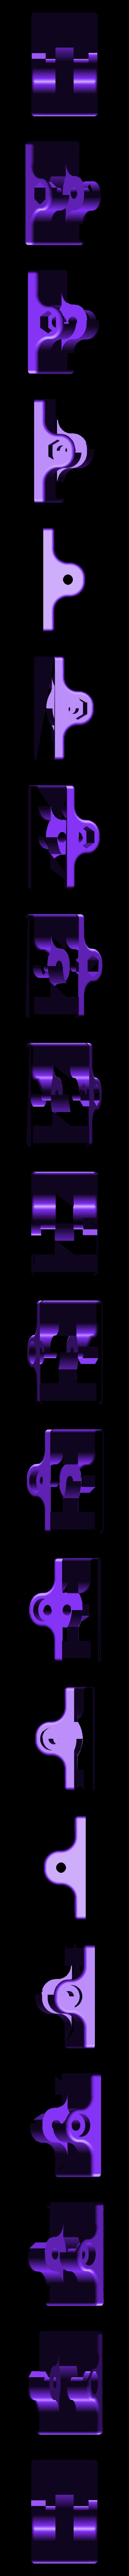 Mount.stl Télécharger fichier STL gratuit Fermeture de fenêtre élégante (ne nécessite pas de trous dans le cadre de la fenêtre) • Modèle pour imprimante 3D, kumekay